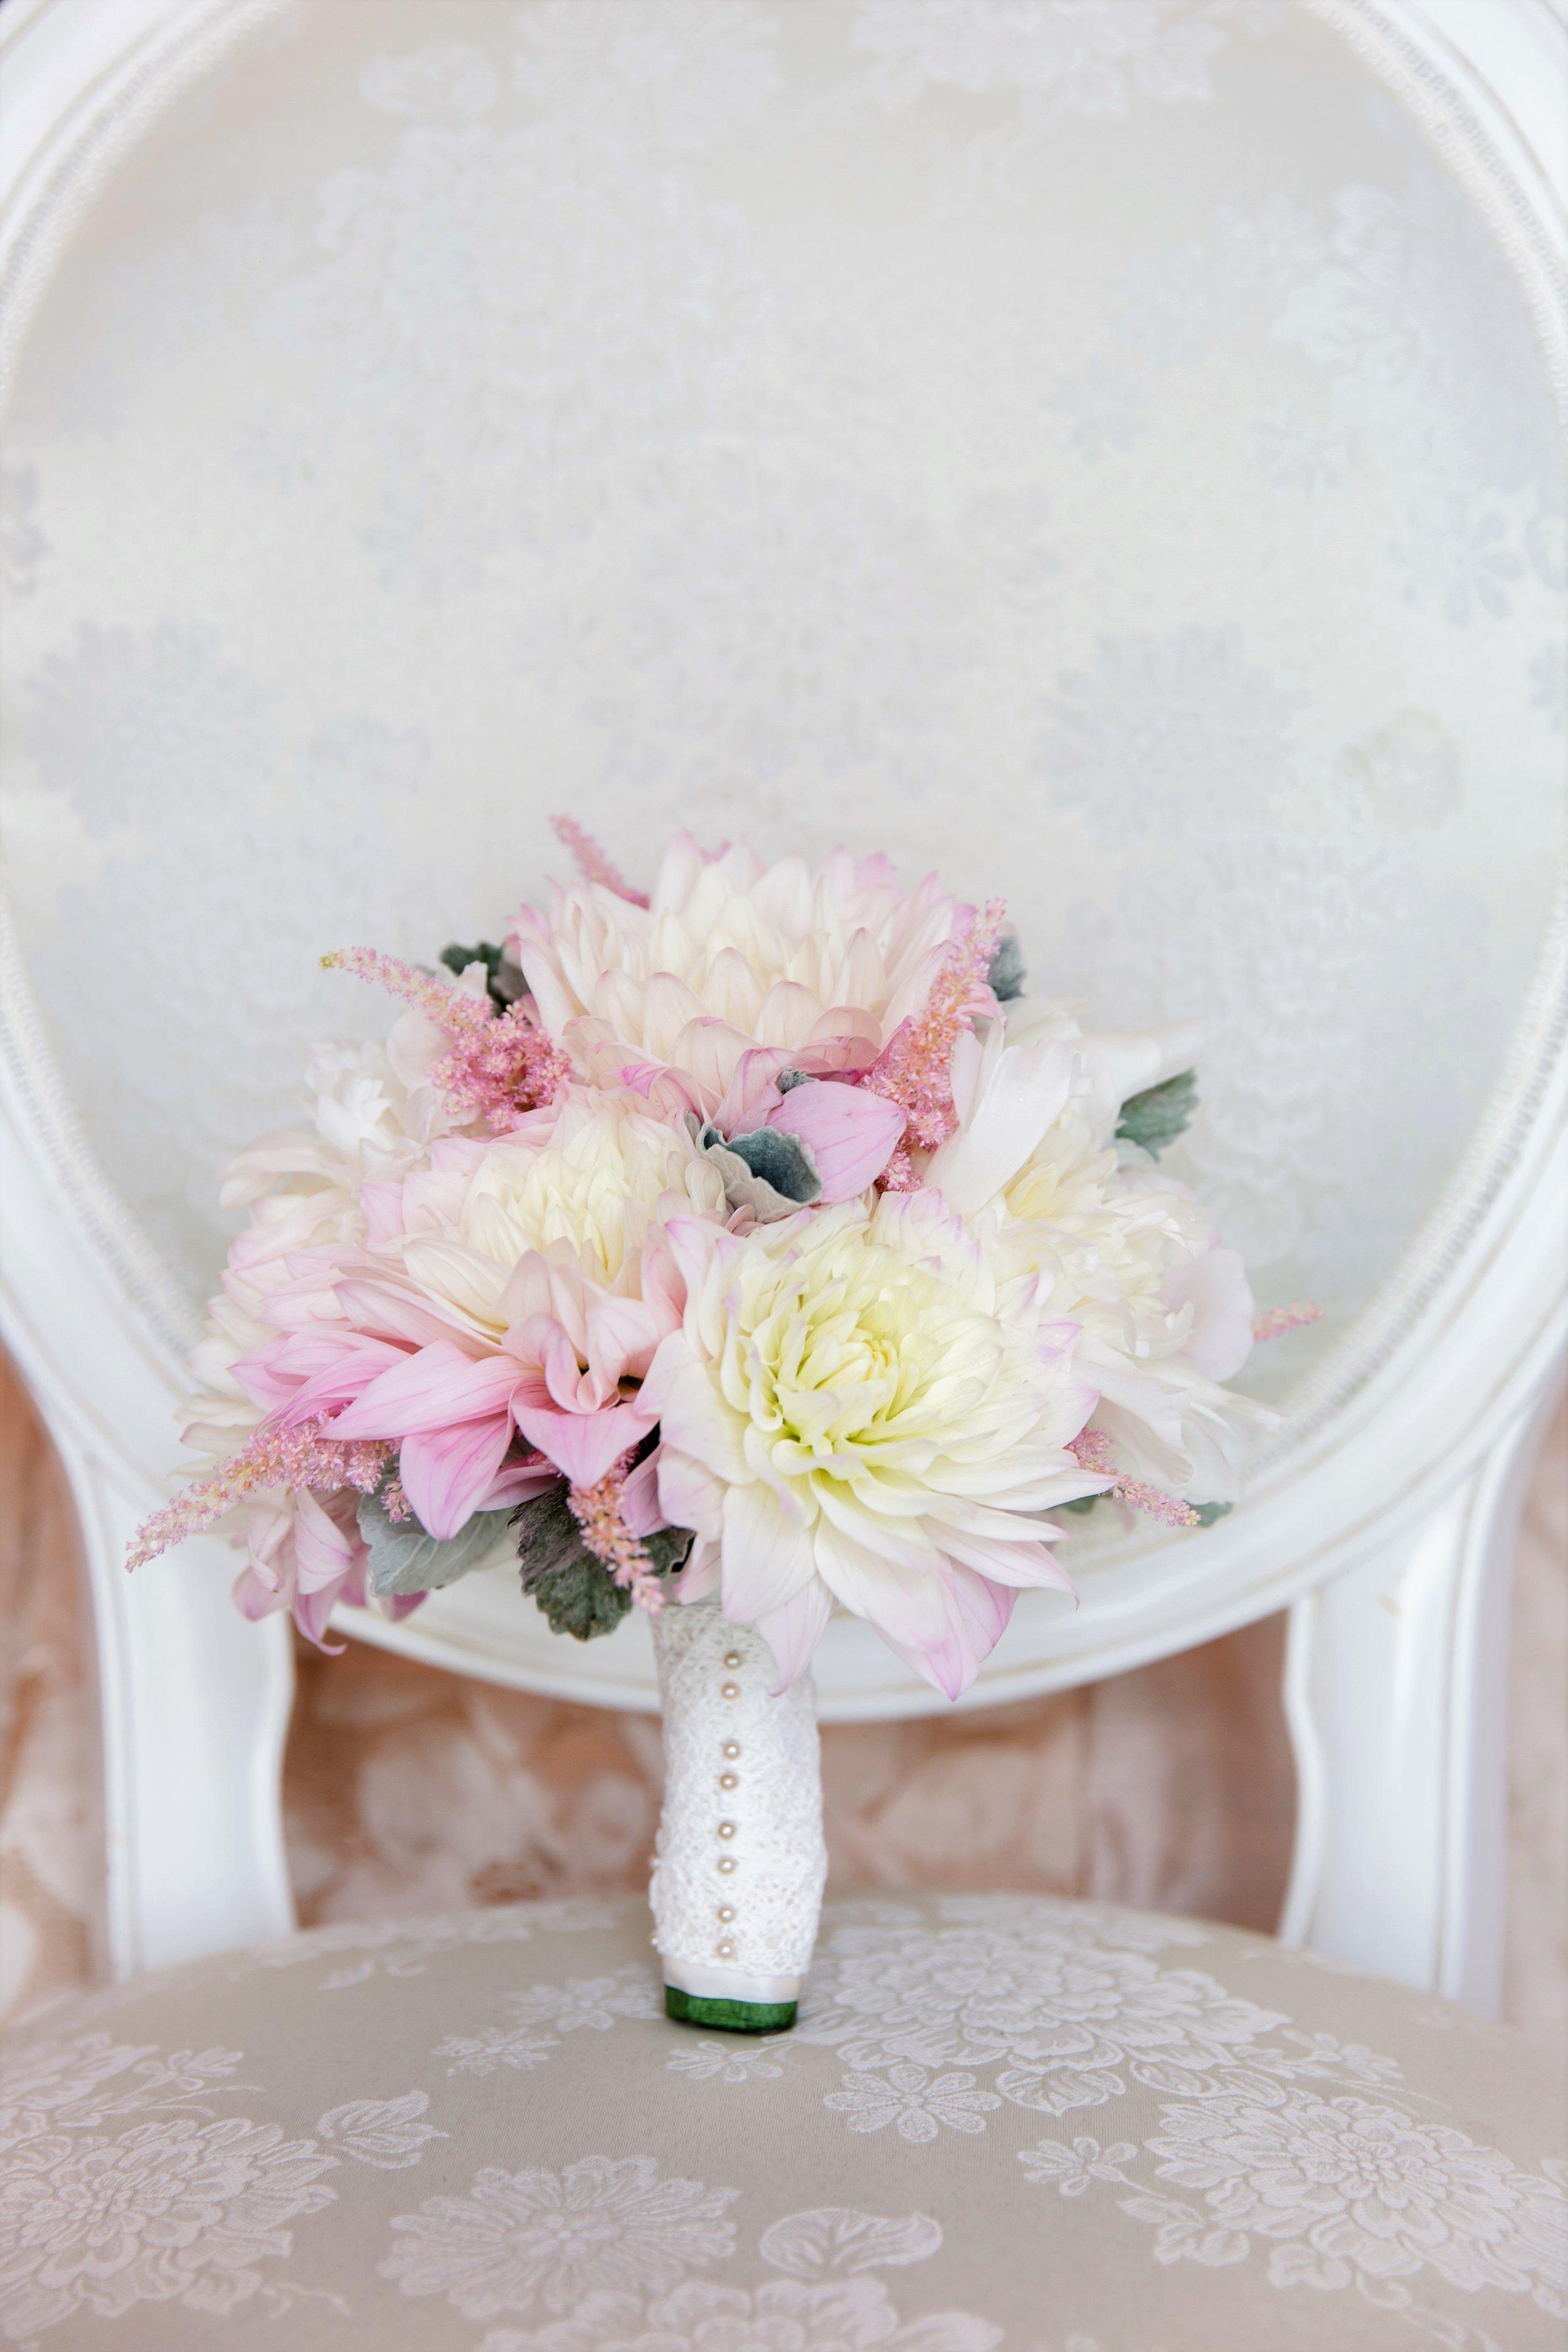 Luxury Pink Wedding Bouquet.JPG